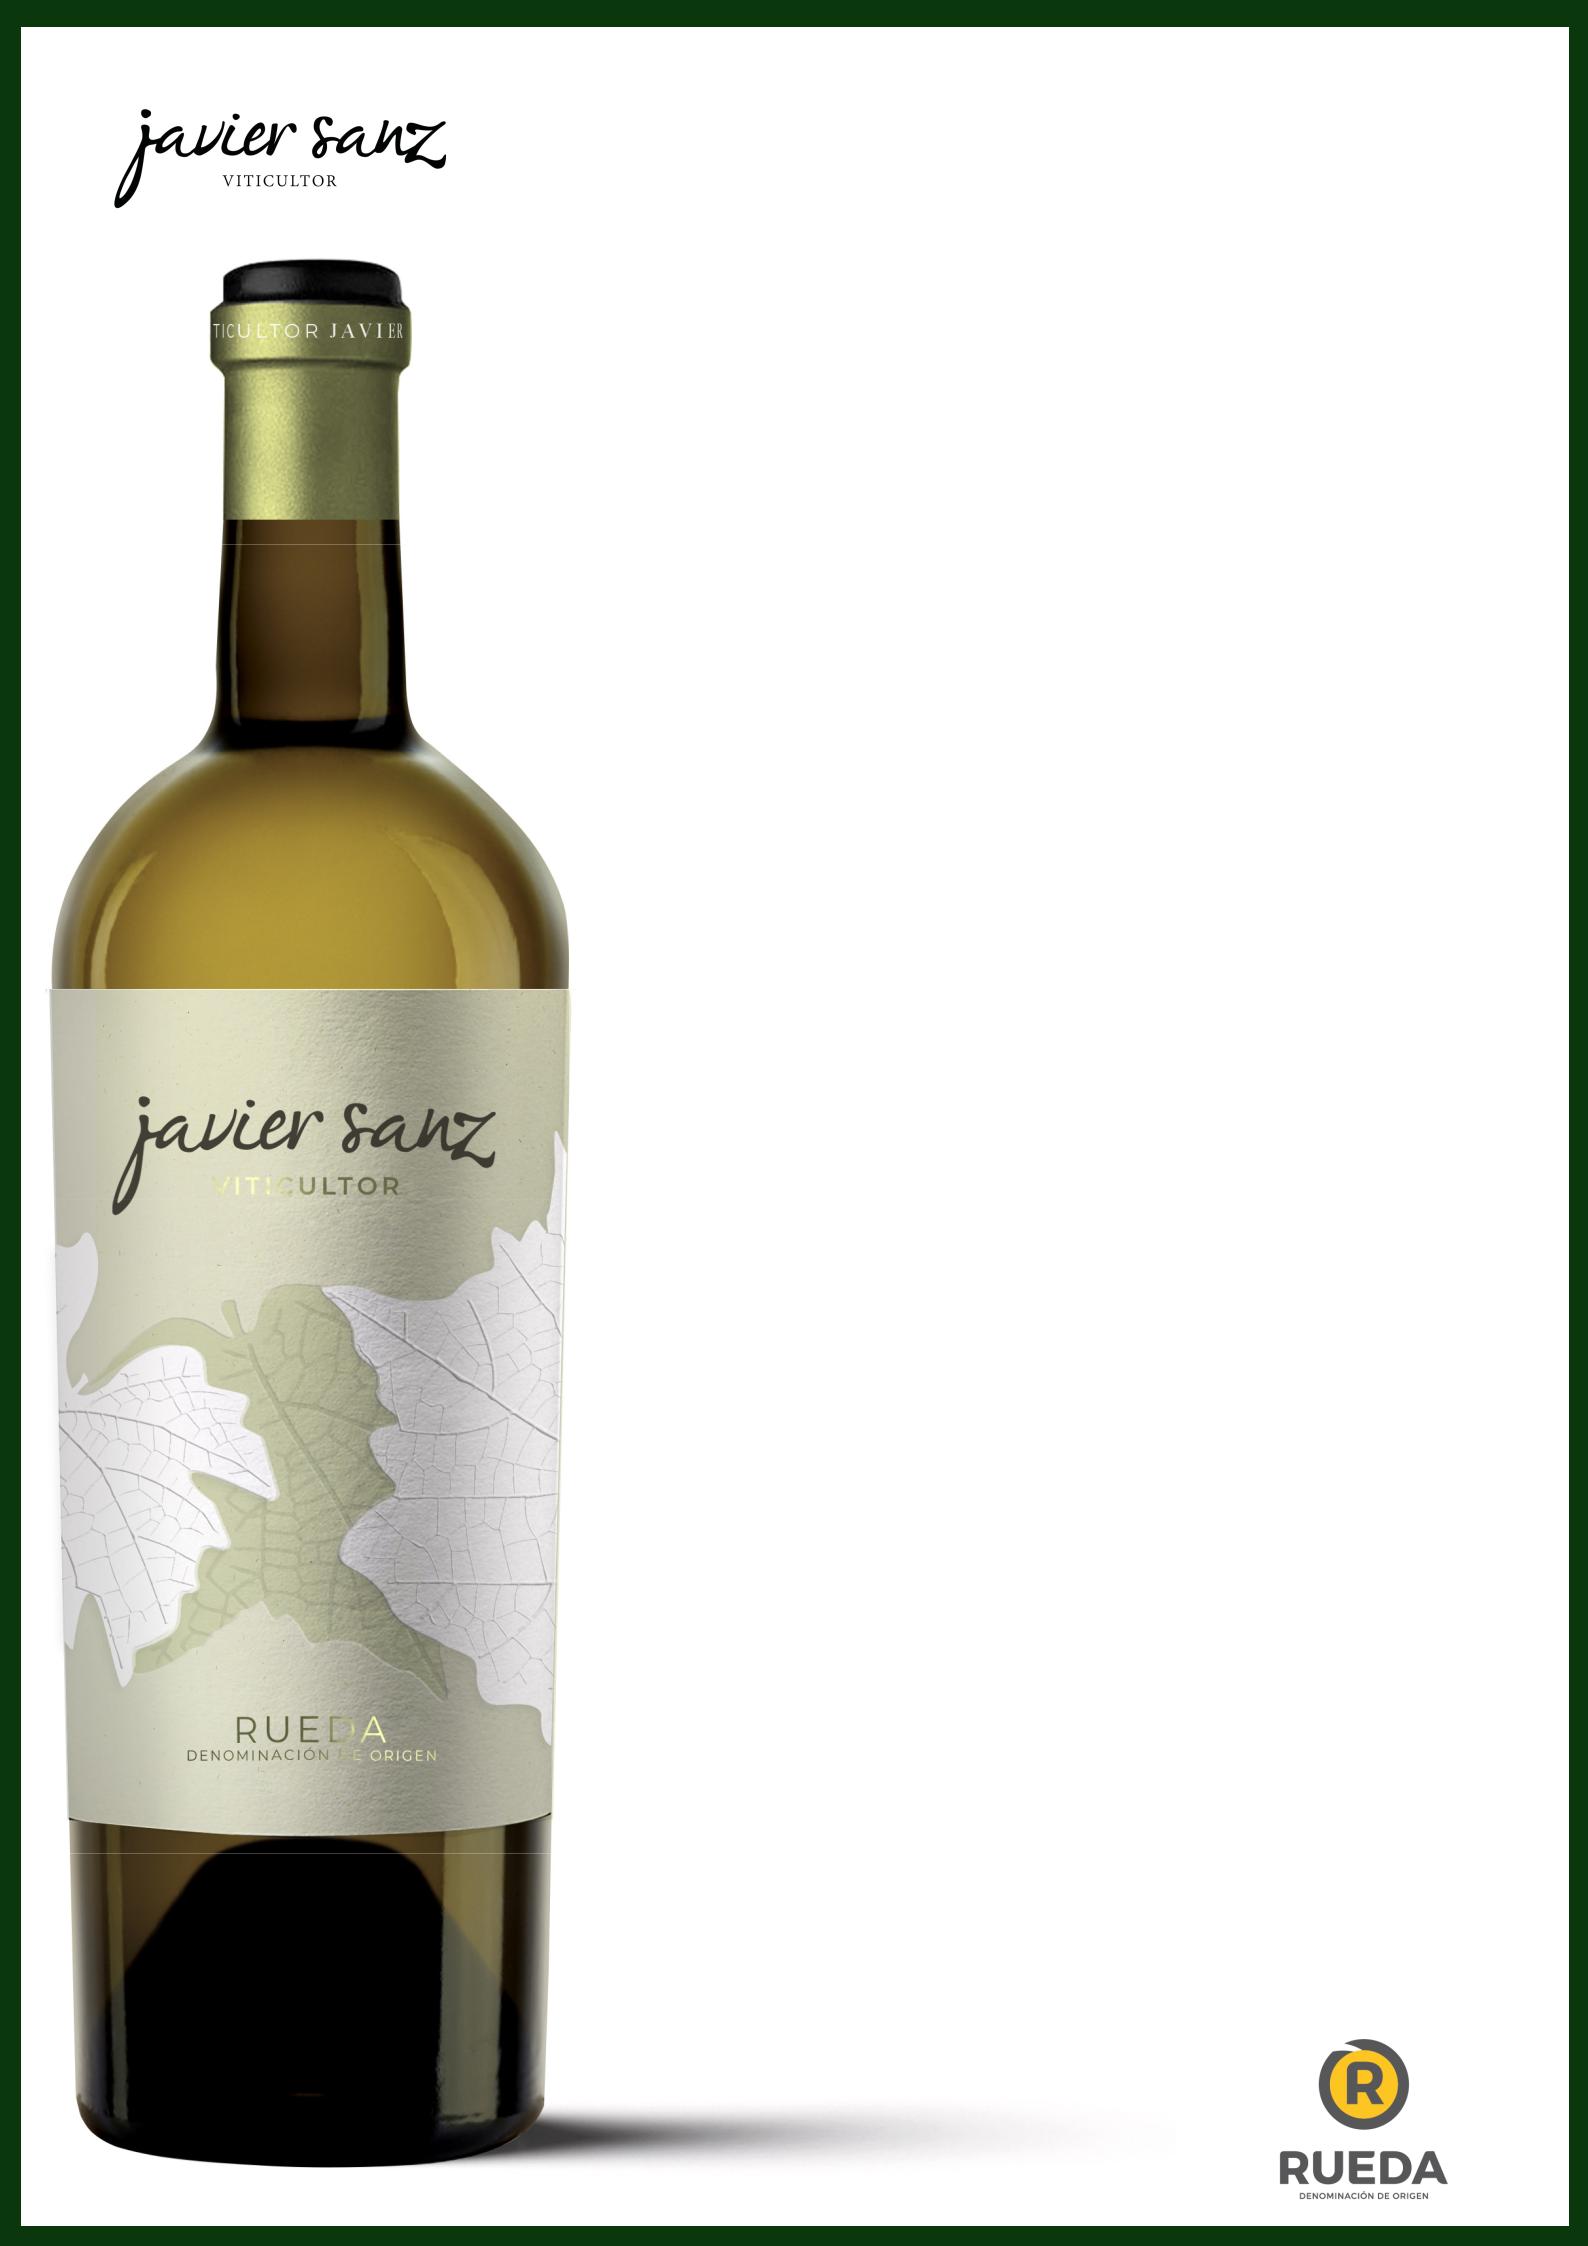 javier sanz viticultor verdejo 2020: Brillante y de gran riqueza aromática 5